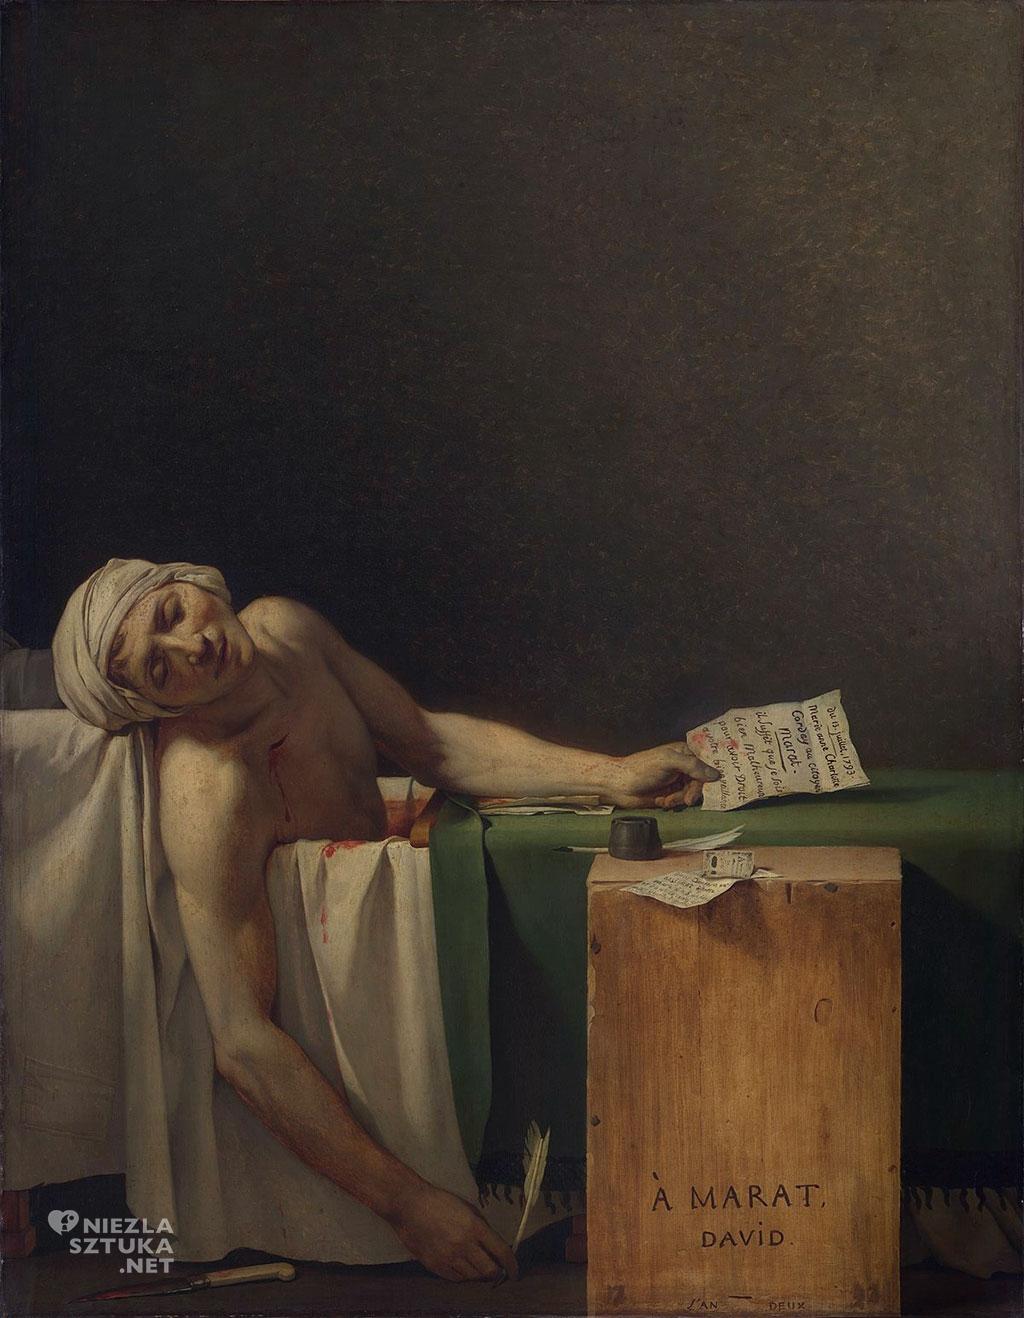 Jacques Louis David Śmierć Marata